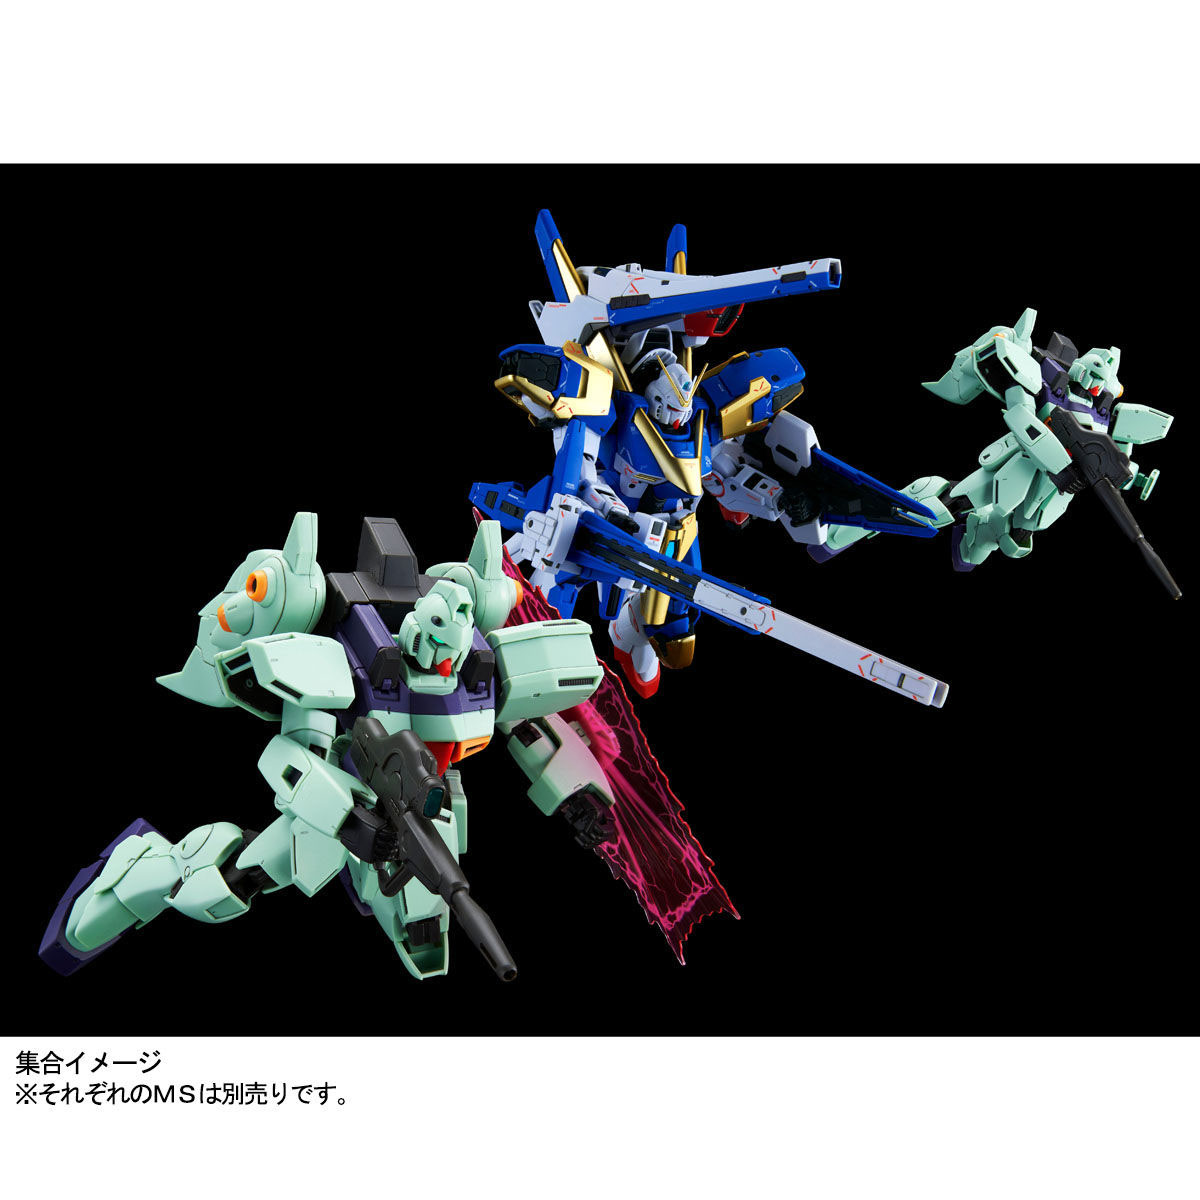 RE/100 1/100『ガンブラスター』Vガンダム プラモデル-009